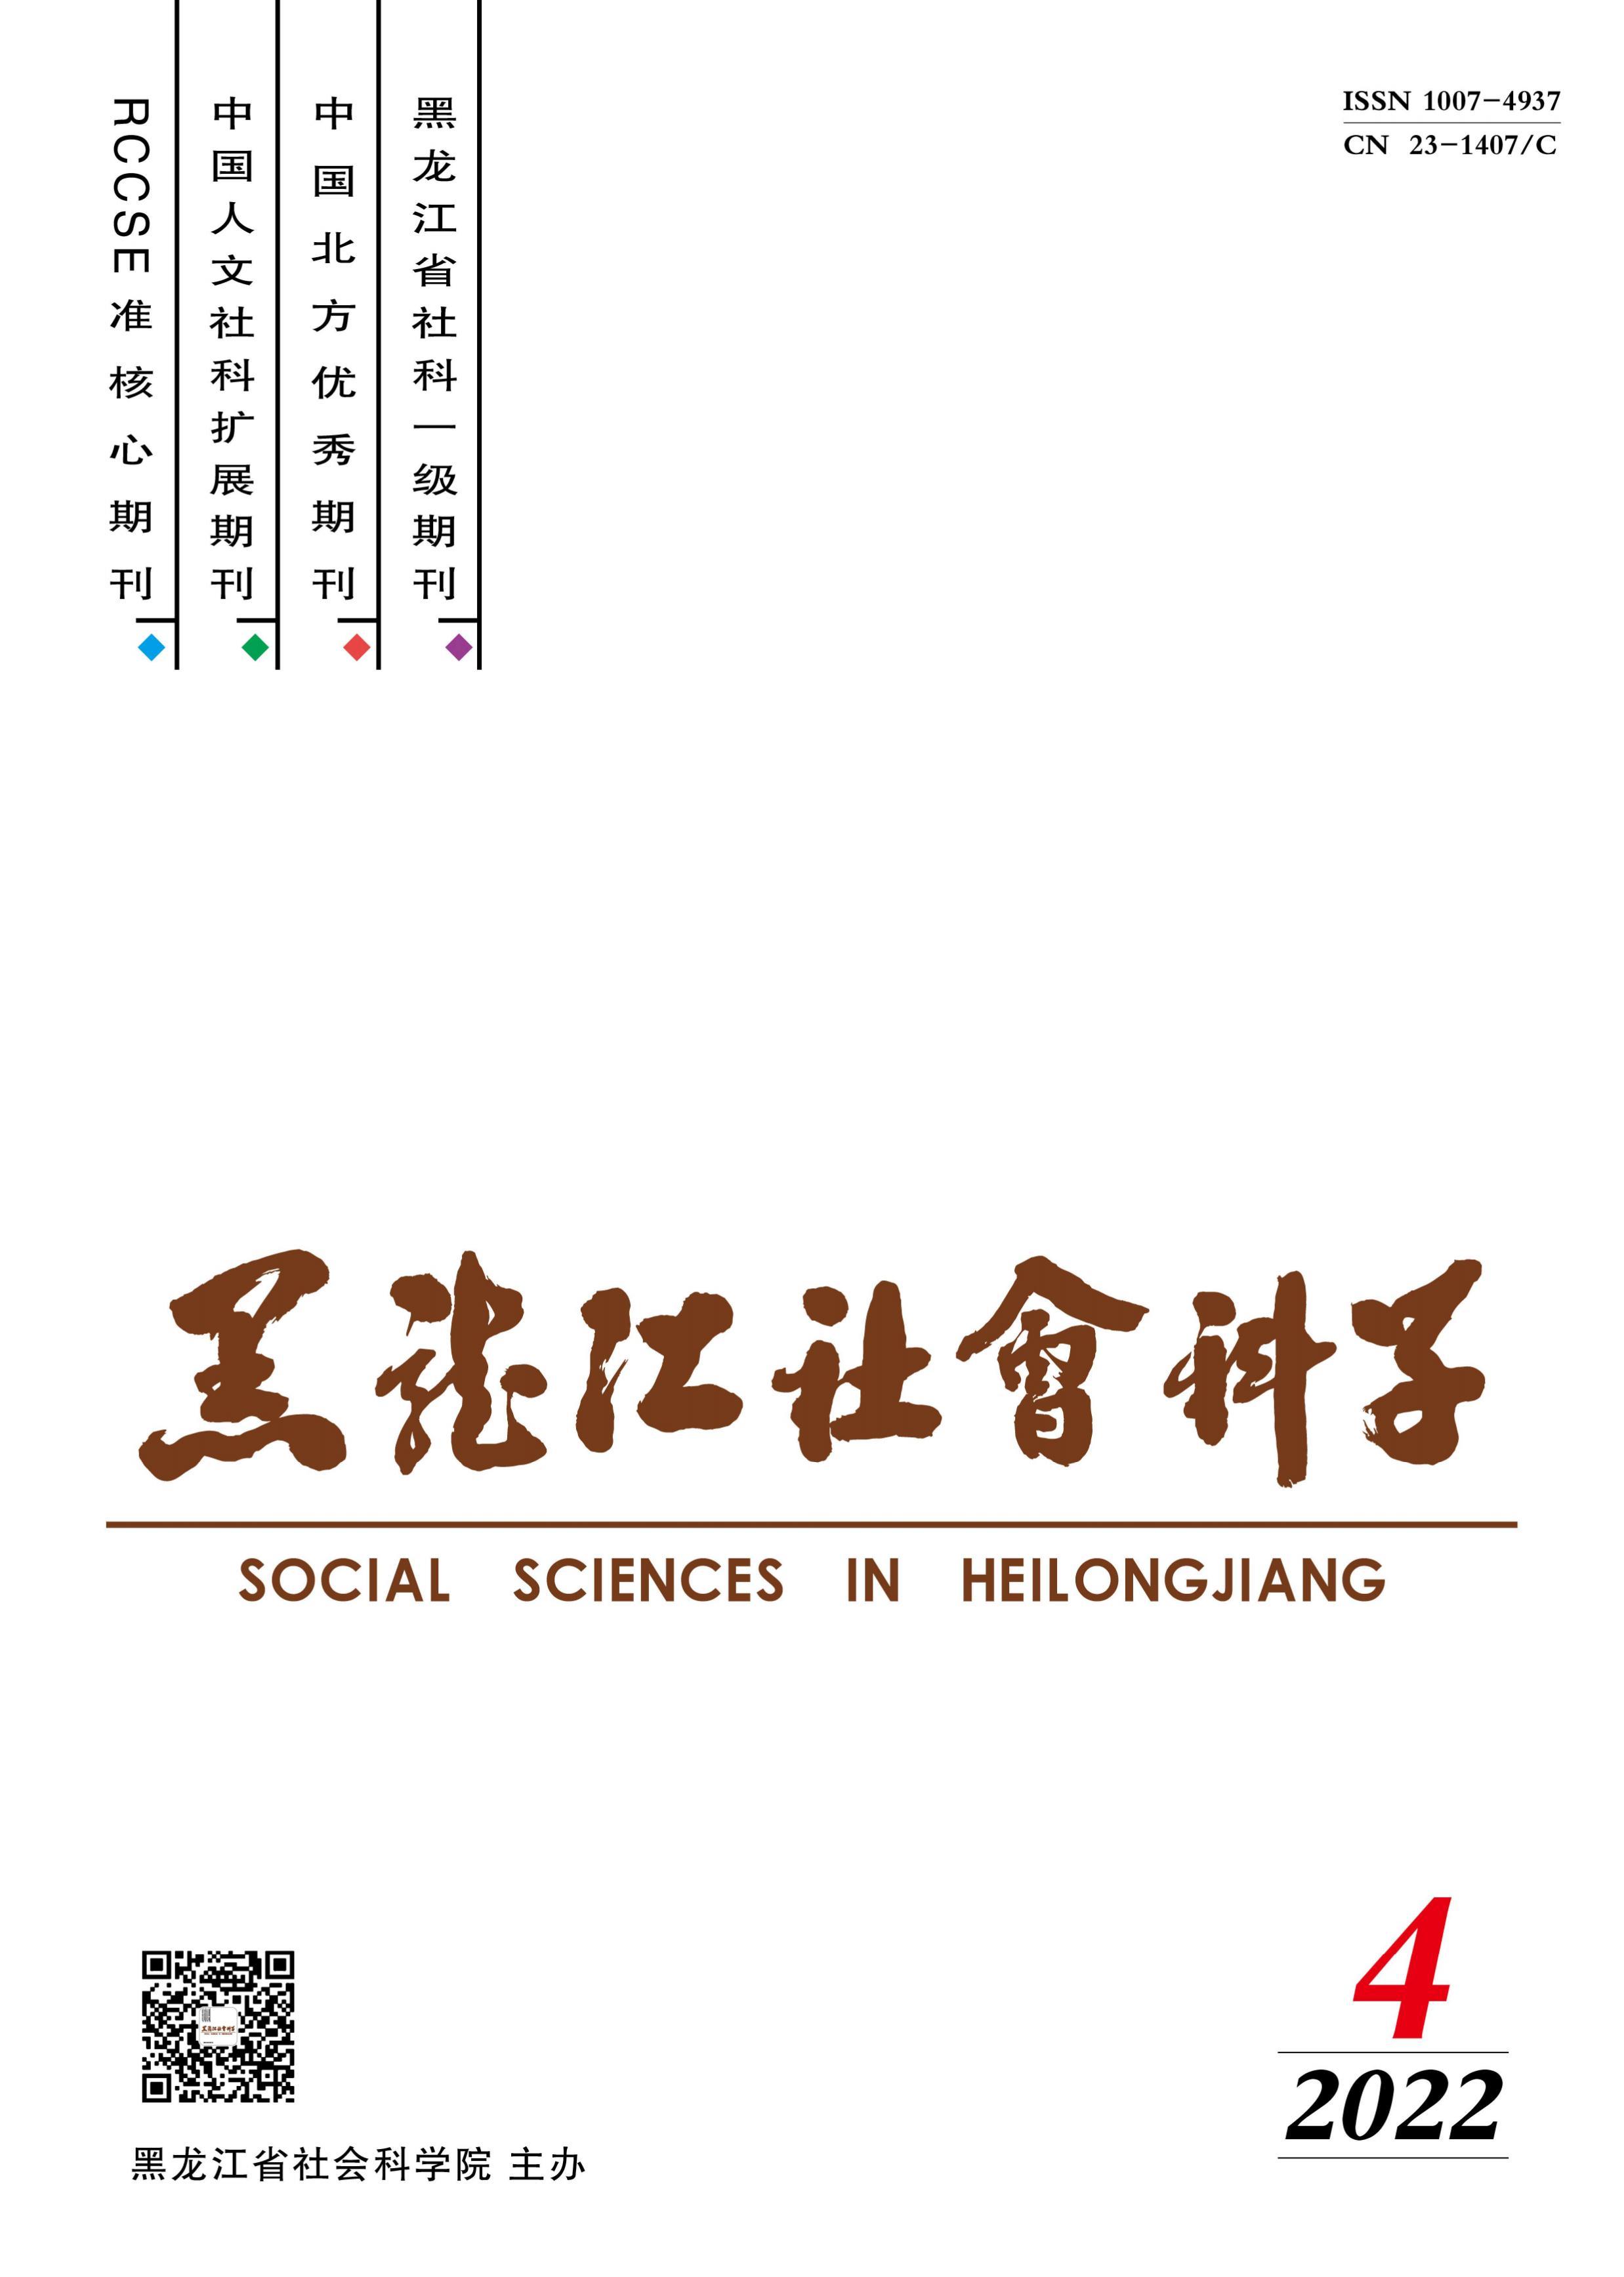 黑龙江社会科学